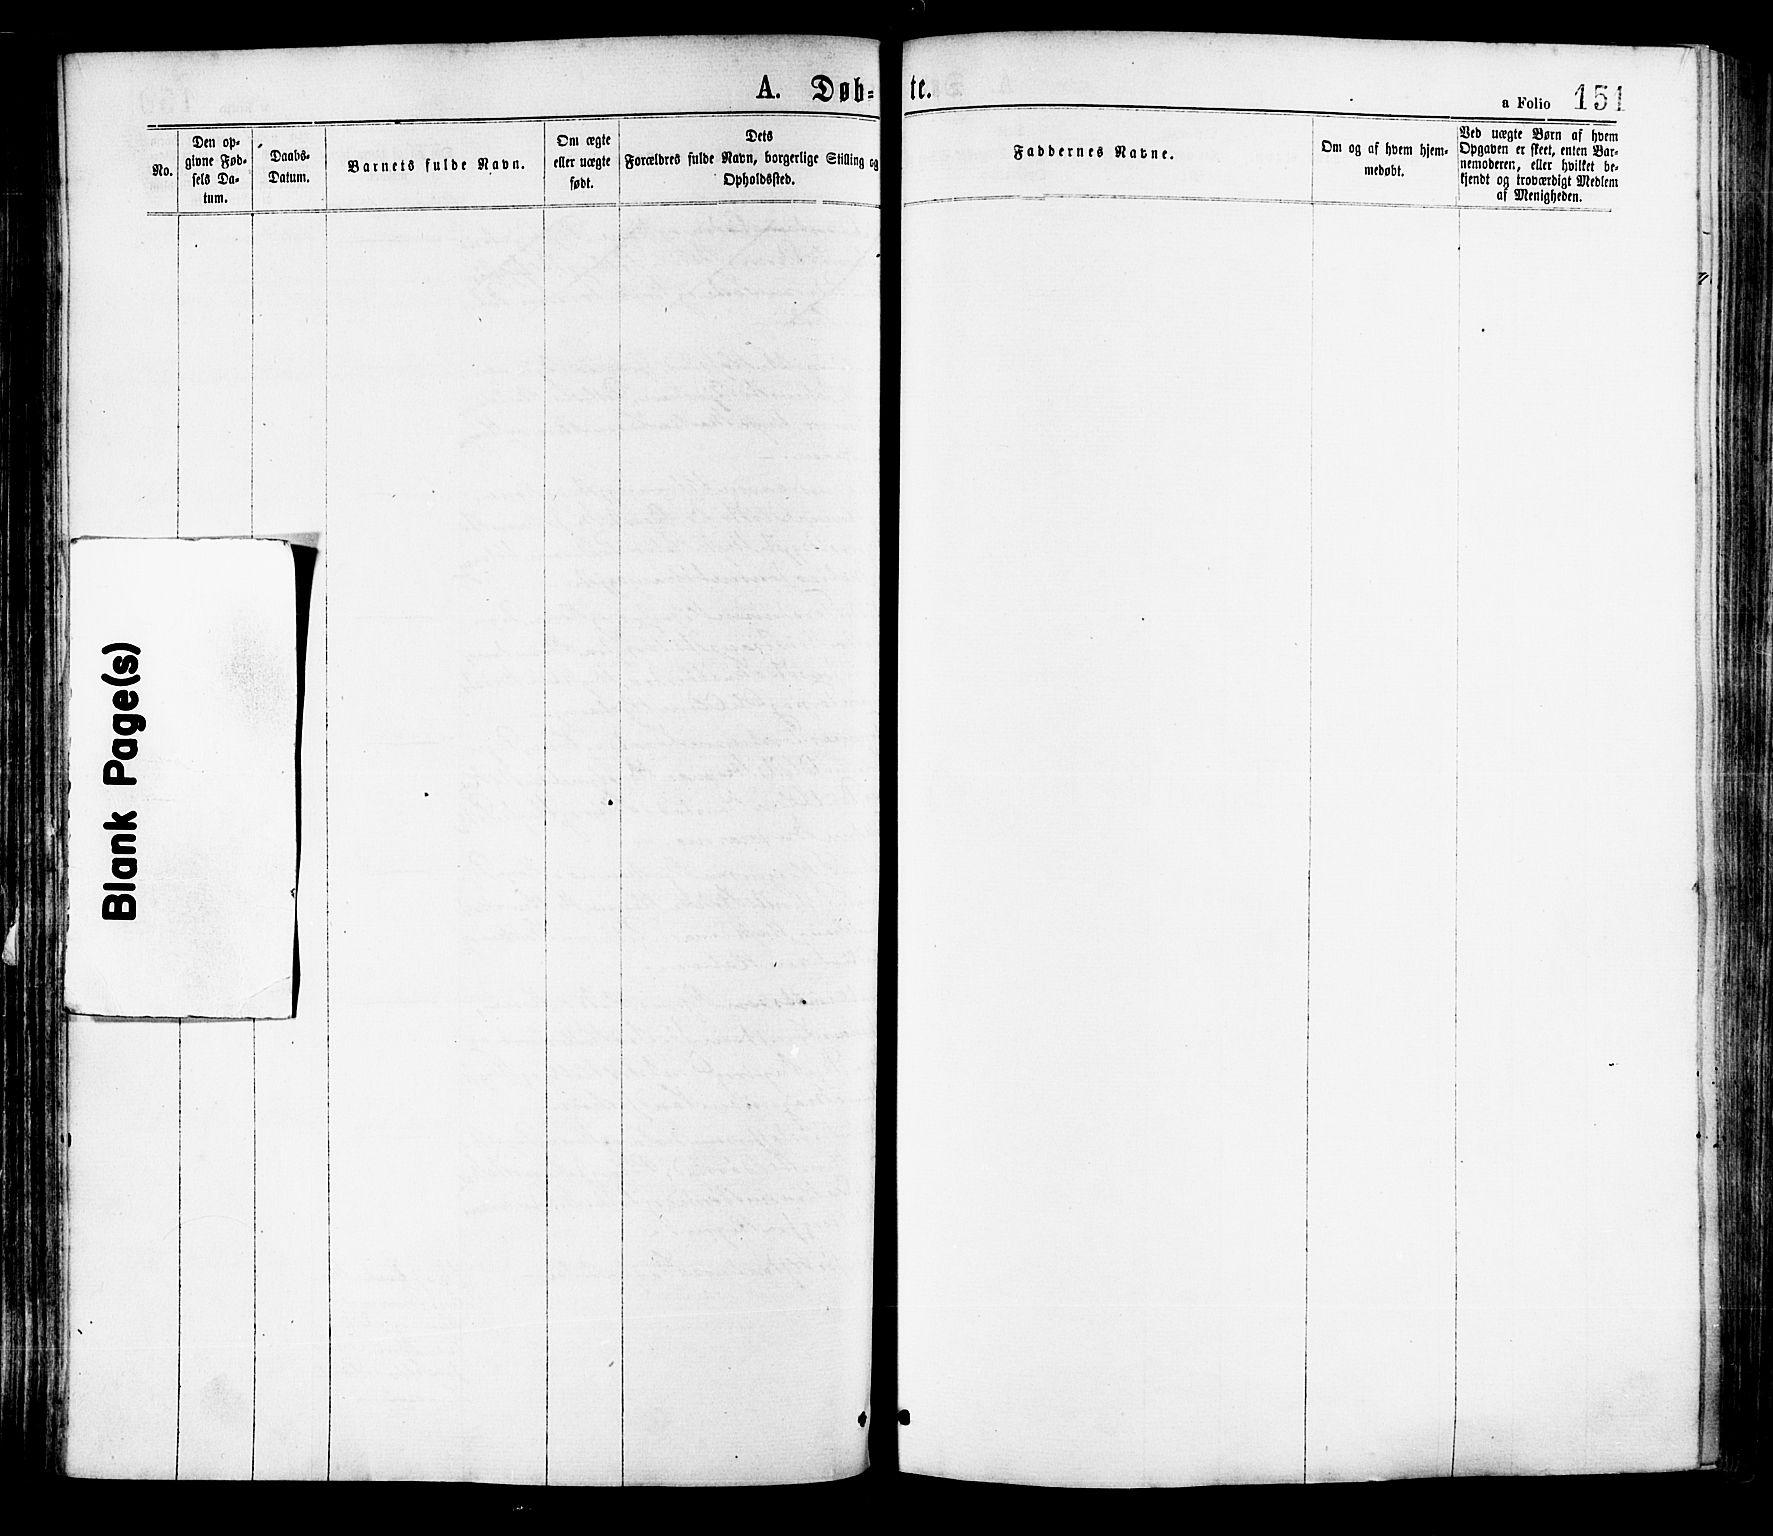 SAT, Ministerialprotokoller, klokkerbøker og fødselsregistre - Nord-Trøndelag, 709/L0076: Ministerialbok nr. 709A16, 1871-1879, s. 151